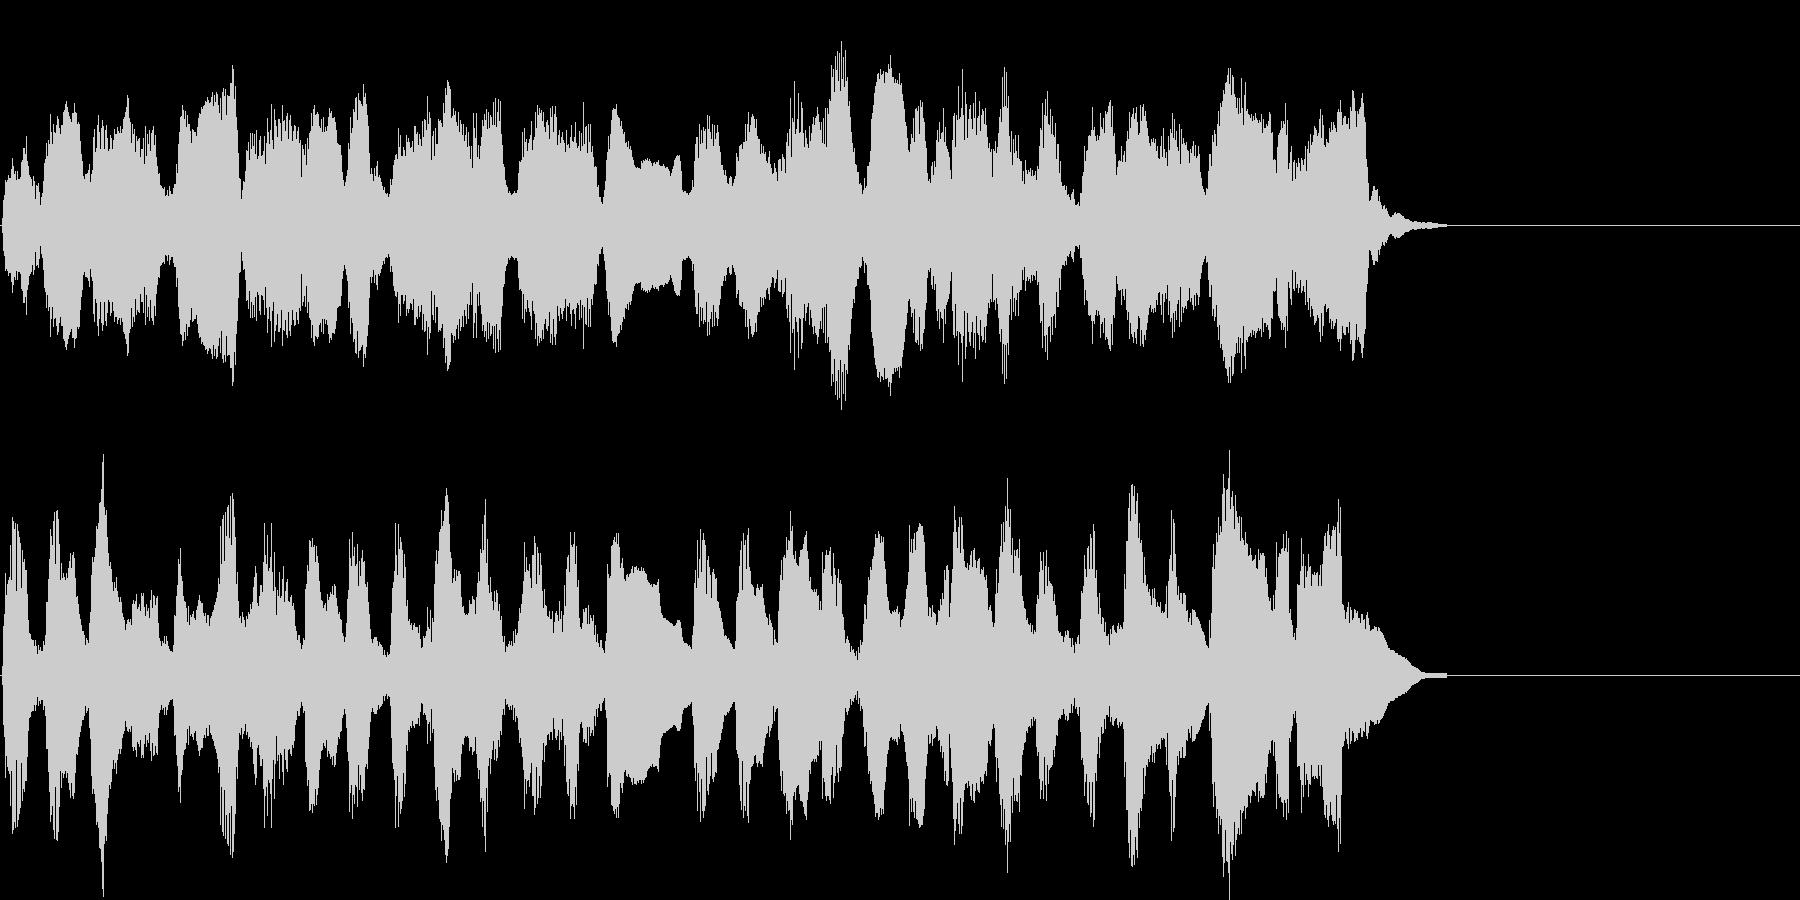 懐かしくてのどかなアレンジのクラシックの未再生の波形